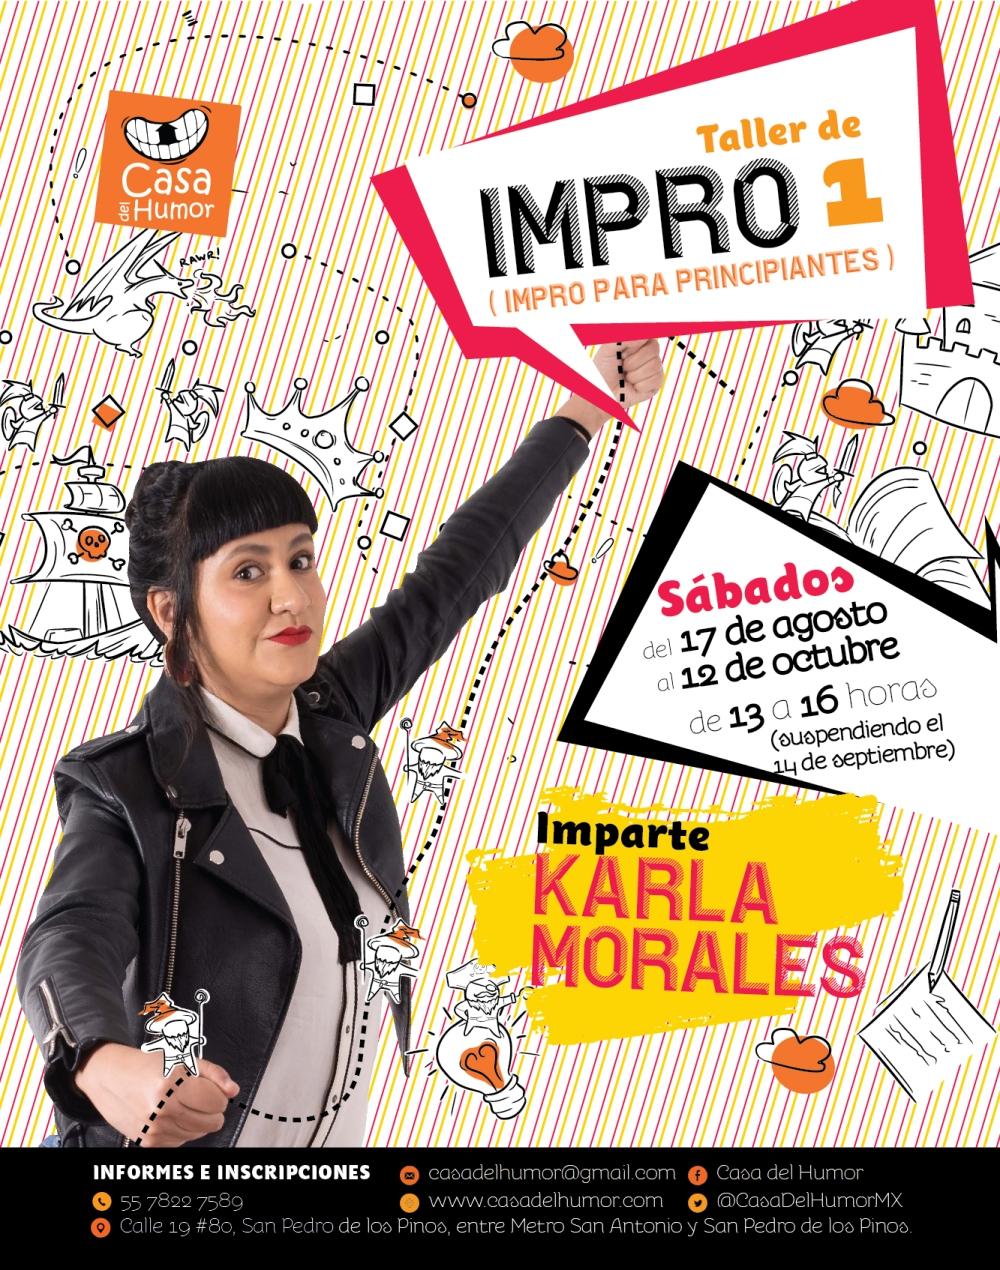 Casa_del_humor_impro1_karlamorales_2-01